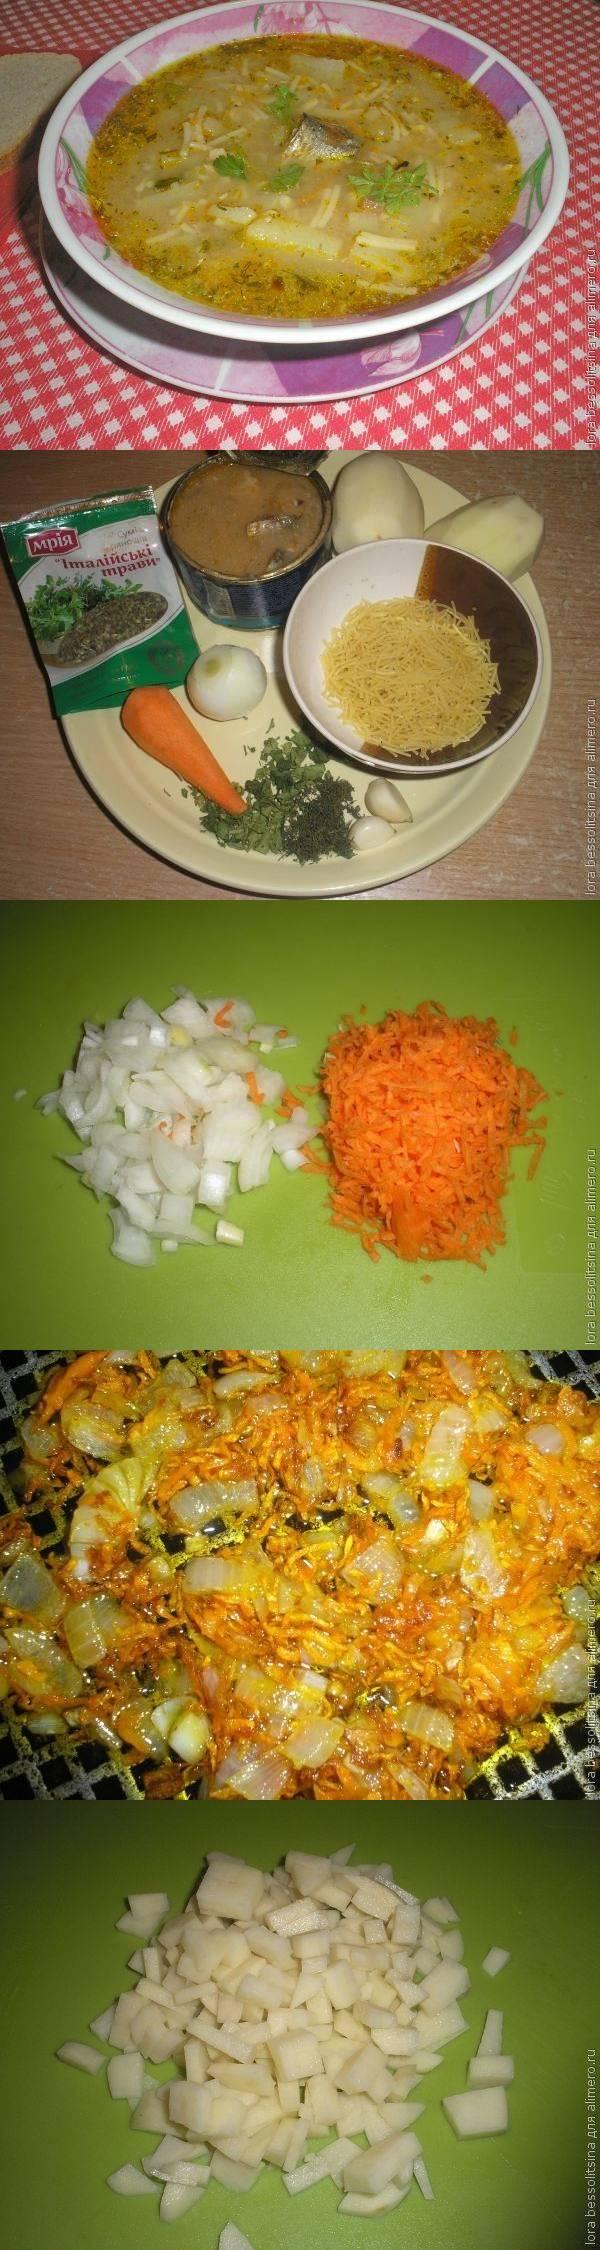 Рыбный суп из консервов с вермишелью рецепт